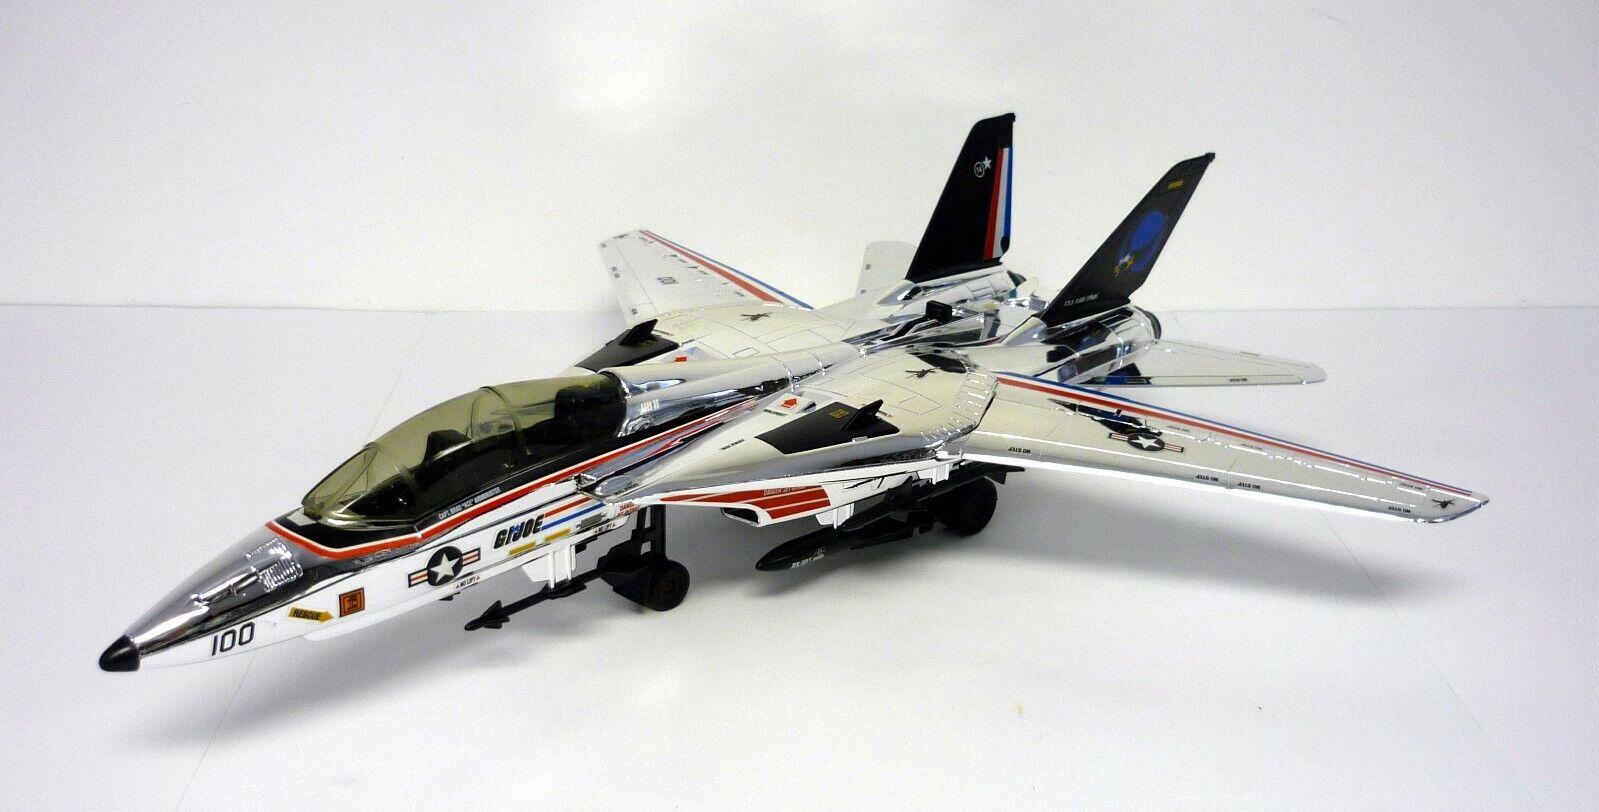 Gi Joe Skystriker Cromo a Medida Vintage Figura de Acción Vehículo Jet Completo